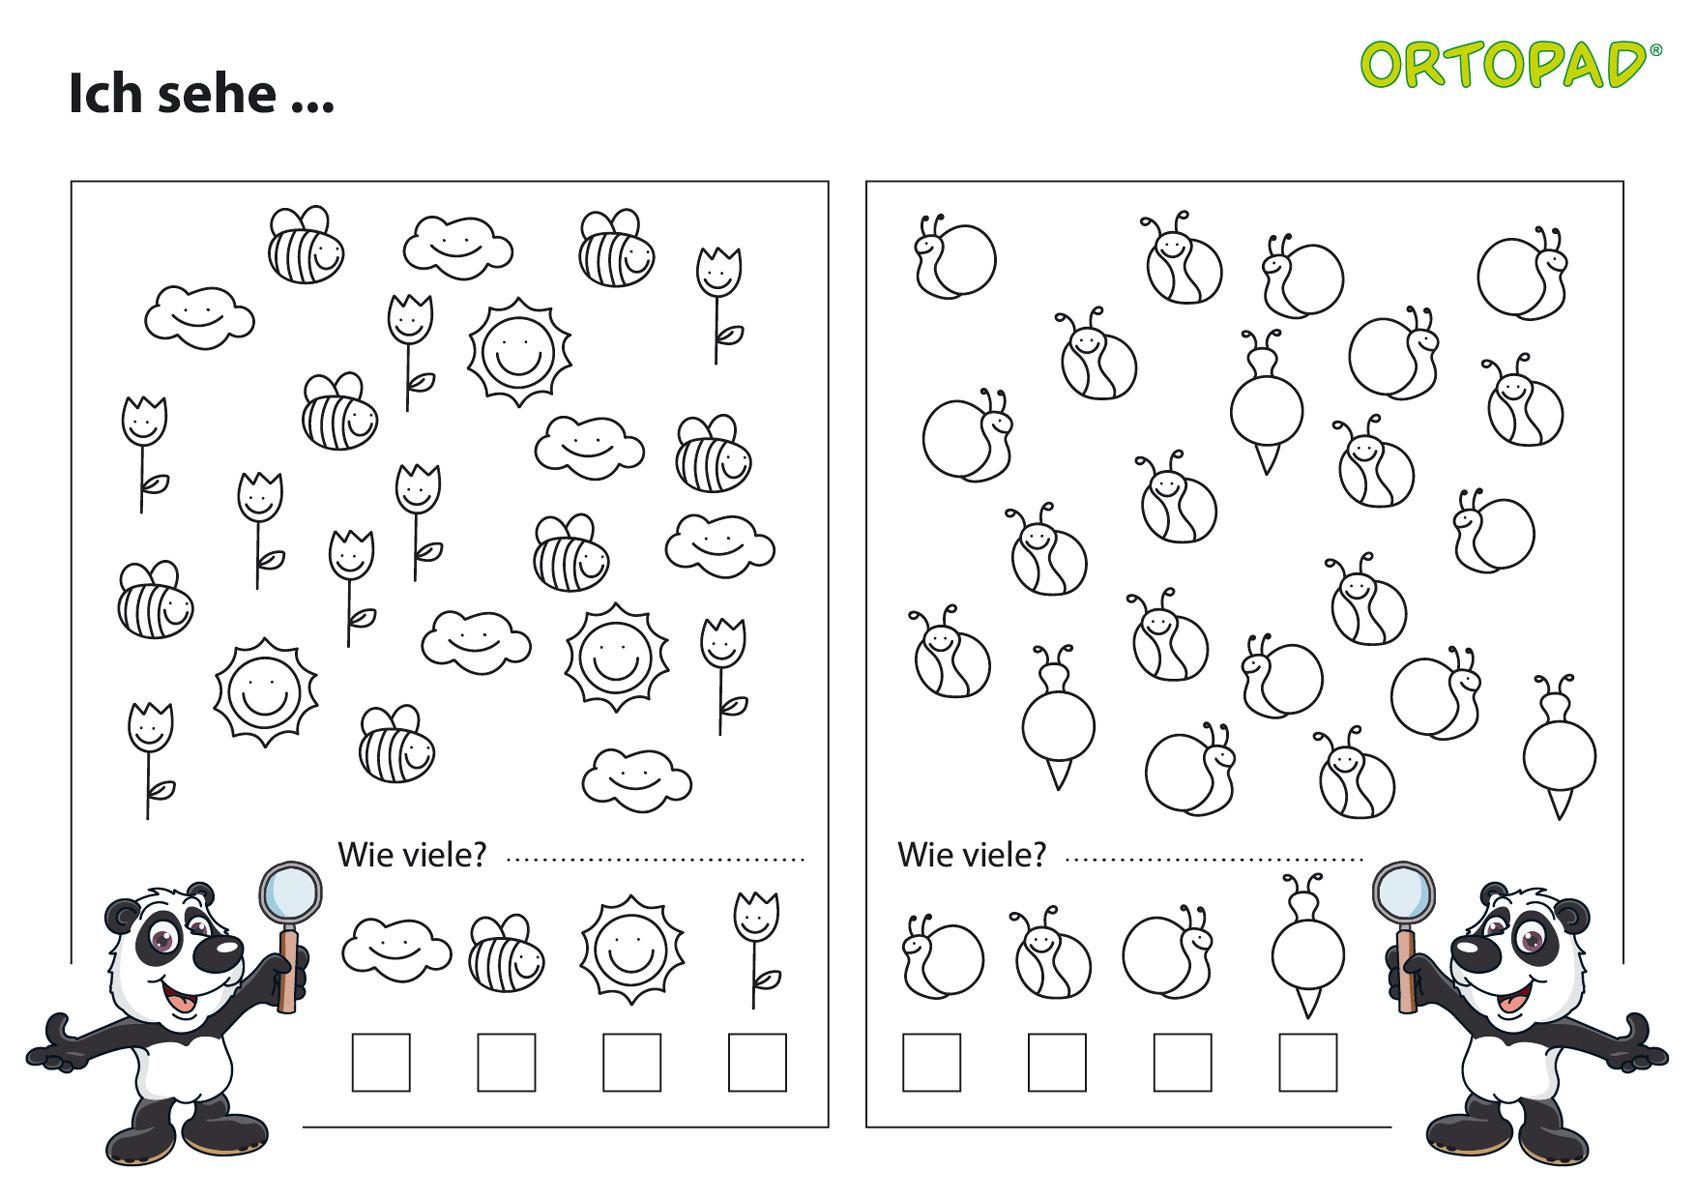 Übungsmaterial Gratis Für Sehtraining » Augenpflaster in Suchbilder Ausdrucken